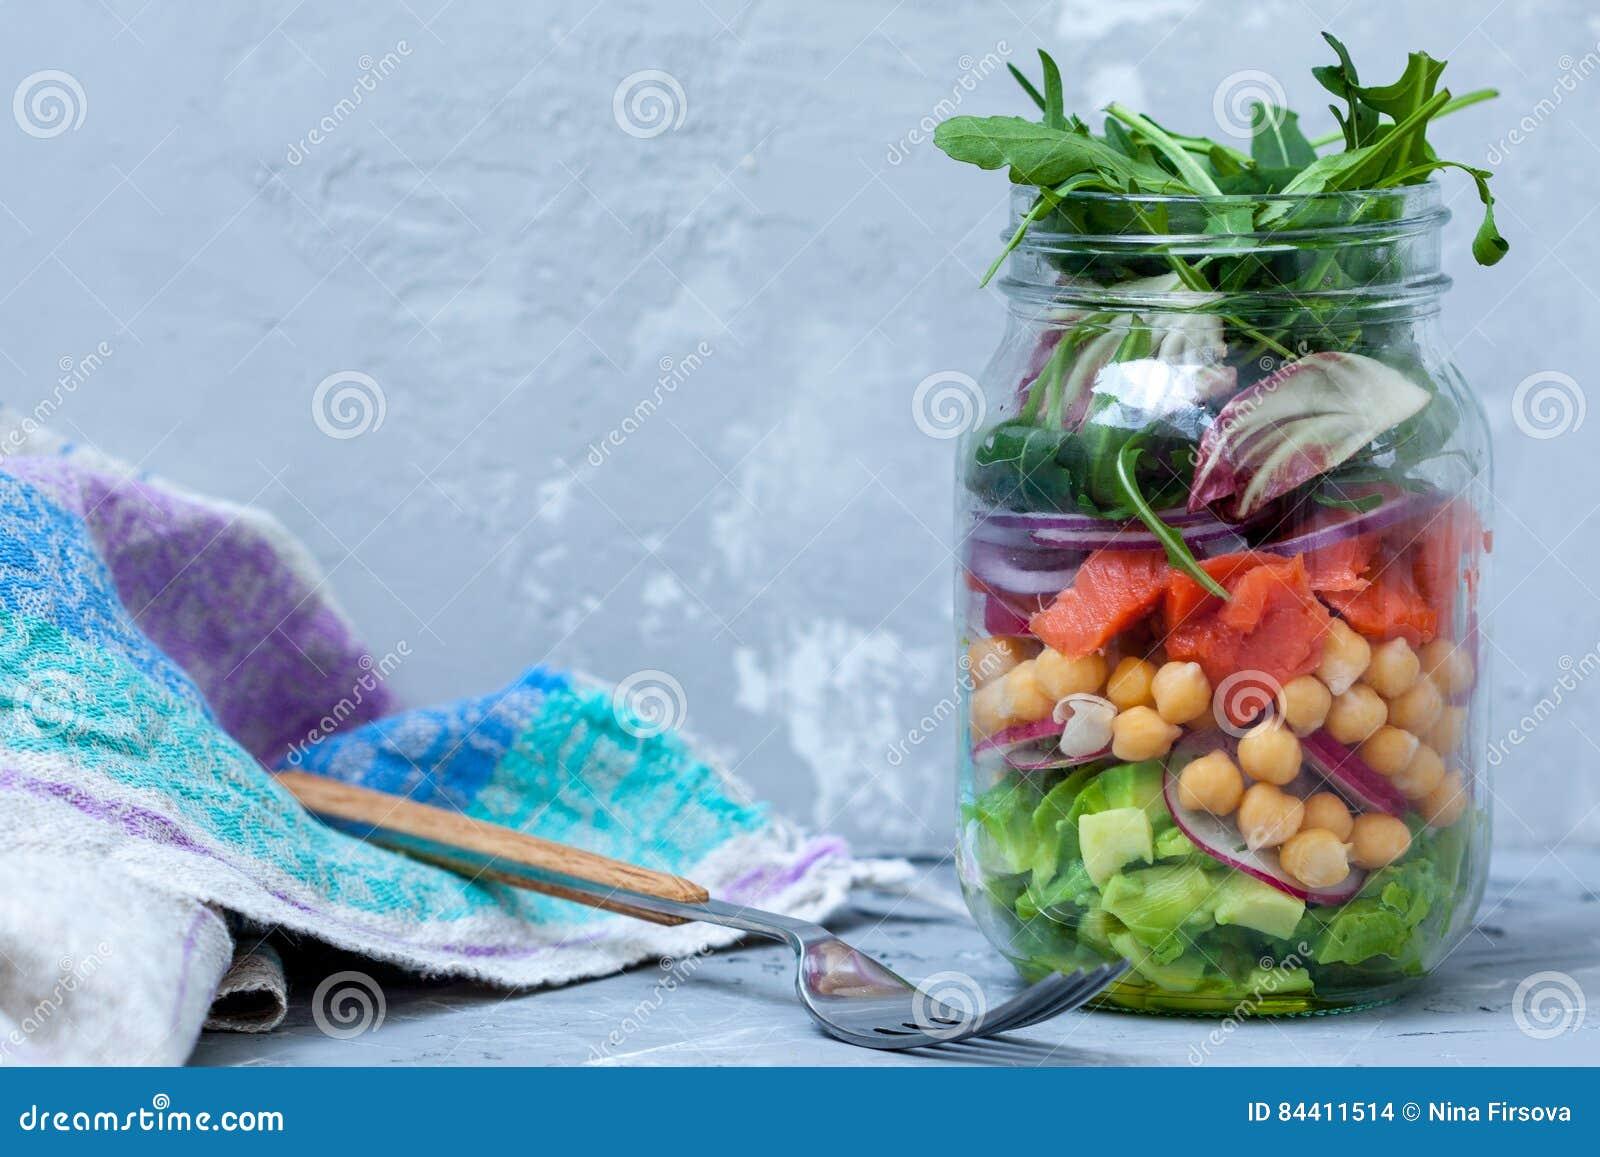 salade verte avec des couches de saumons photo stock - image du